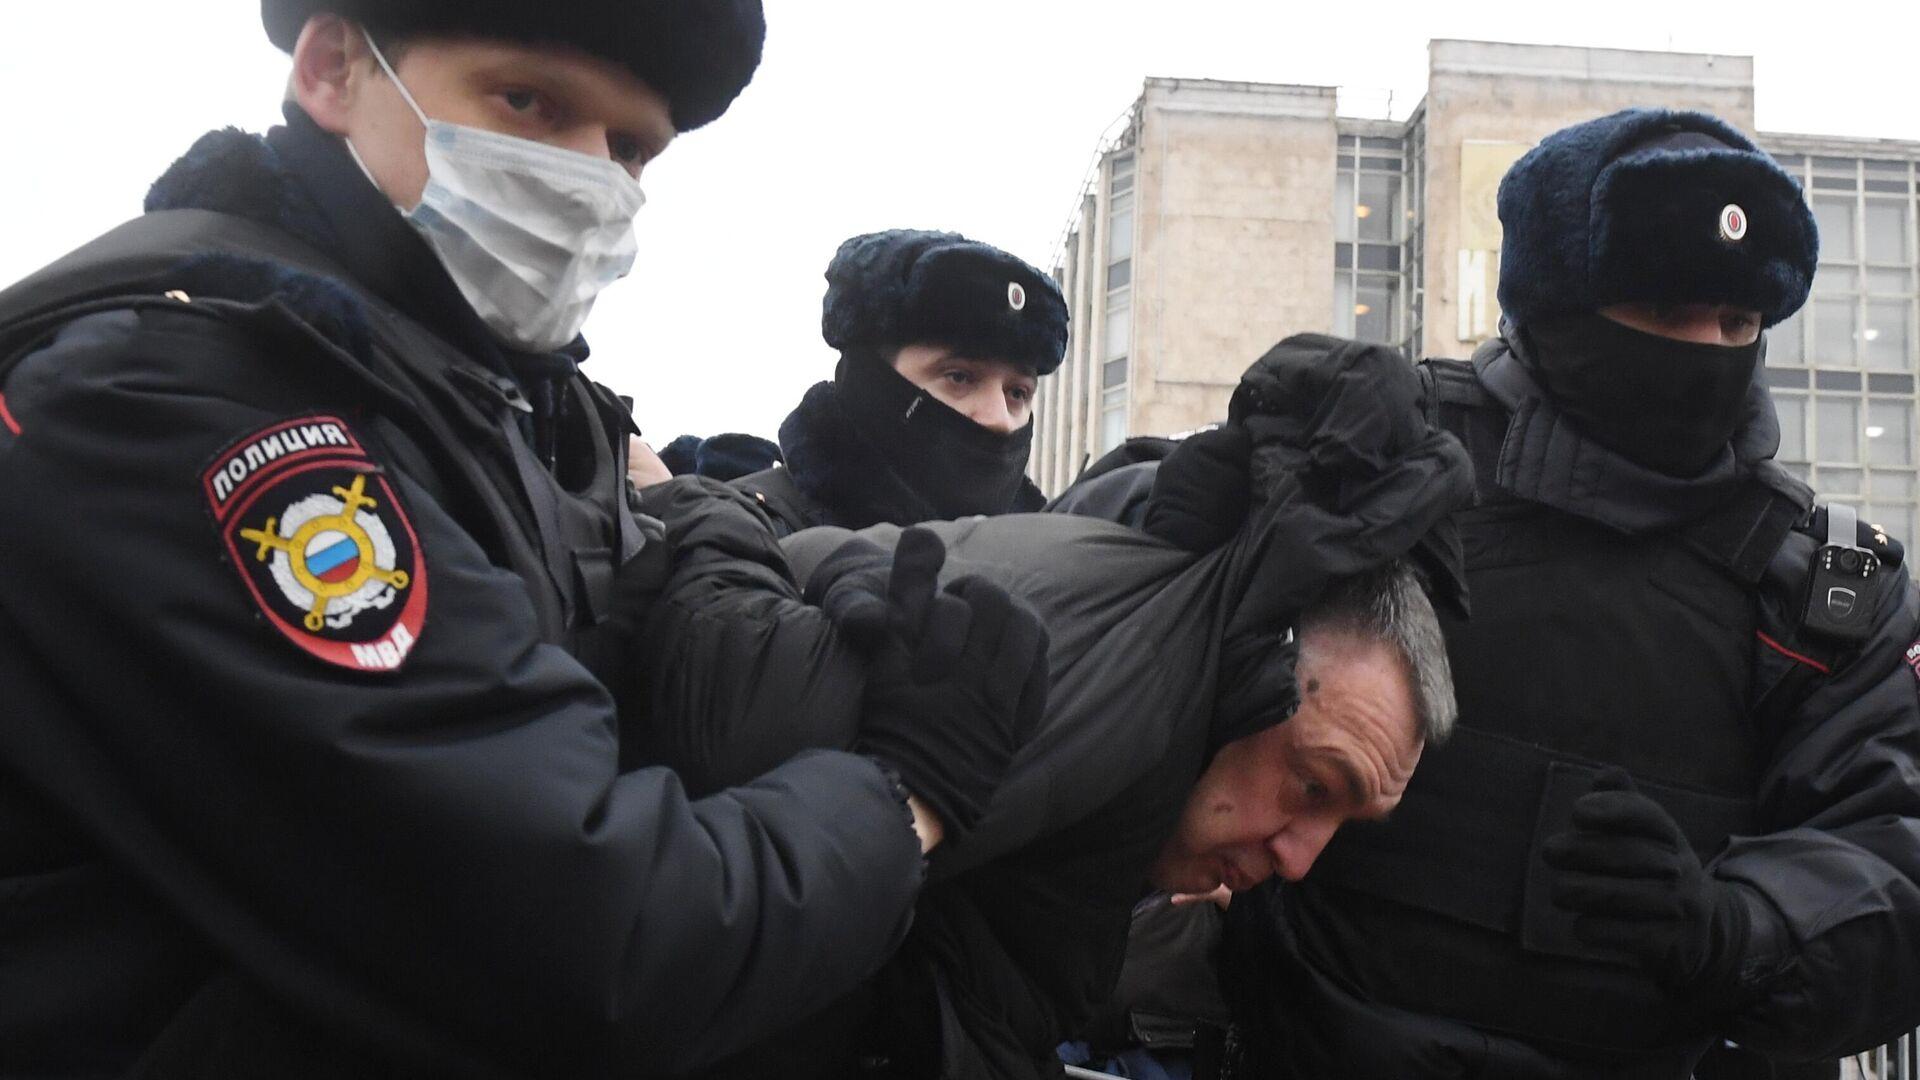 Сотрудники правоохранительных органов задерживают участника несанкционированной акции сторонников Алексея Навального в Москве - РИА Новости, 1920, 23.01.2021